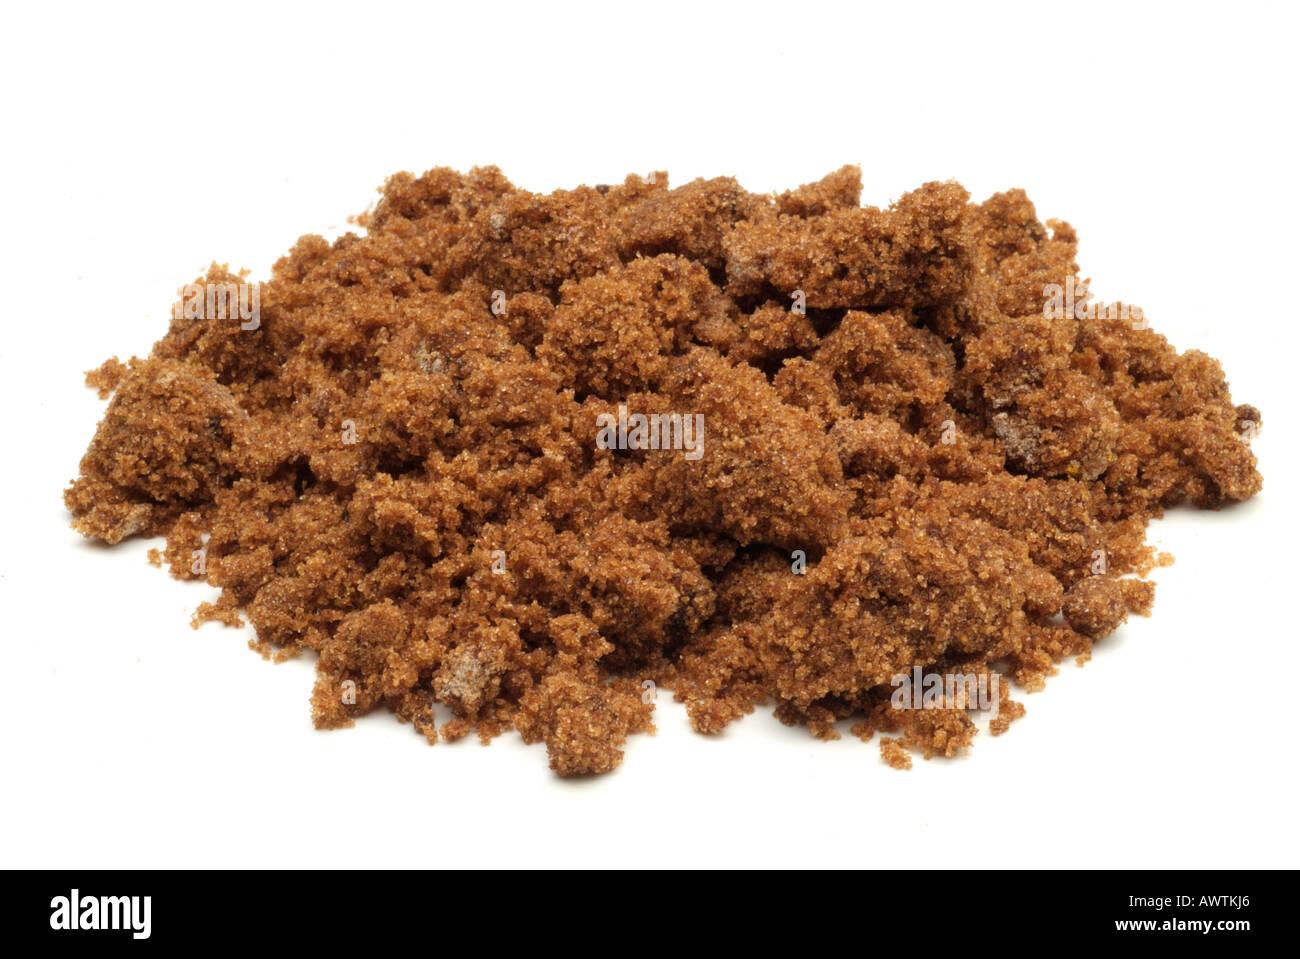 Brauner Zucker weich Granulat Korn Süßstoff süßen Candy trocknen ...